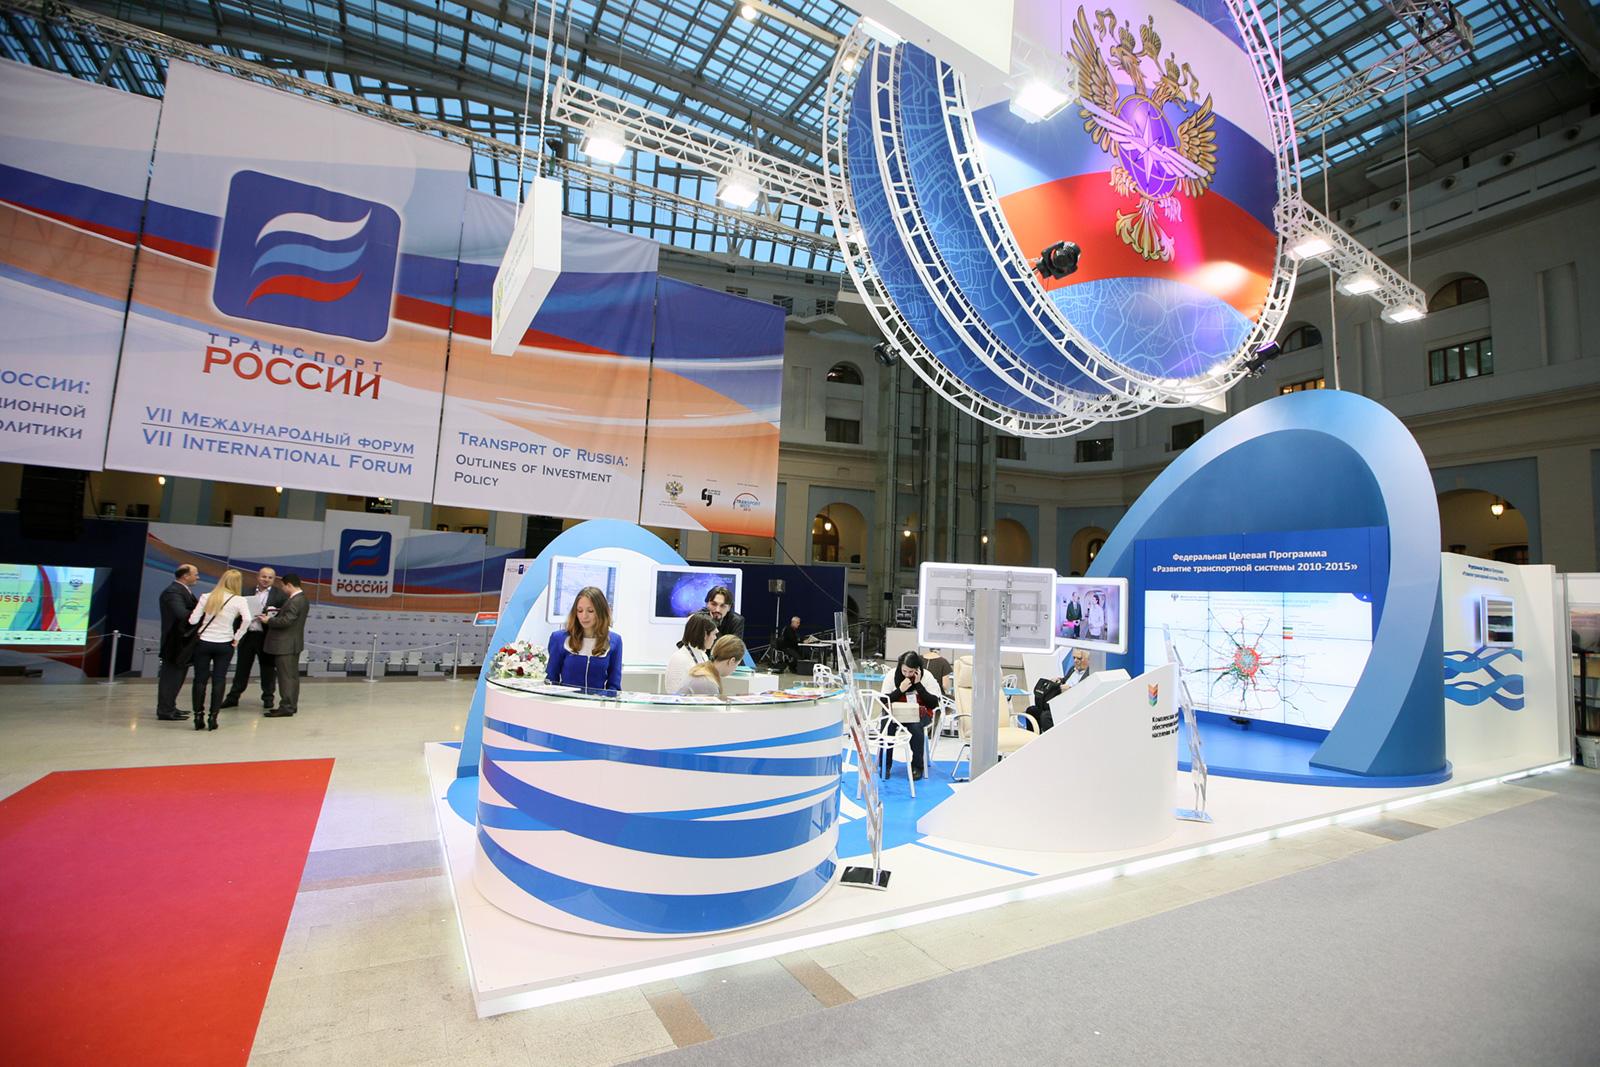 Iv международного форума и выставки транспорт россии спорт прогноз в контакте